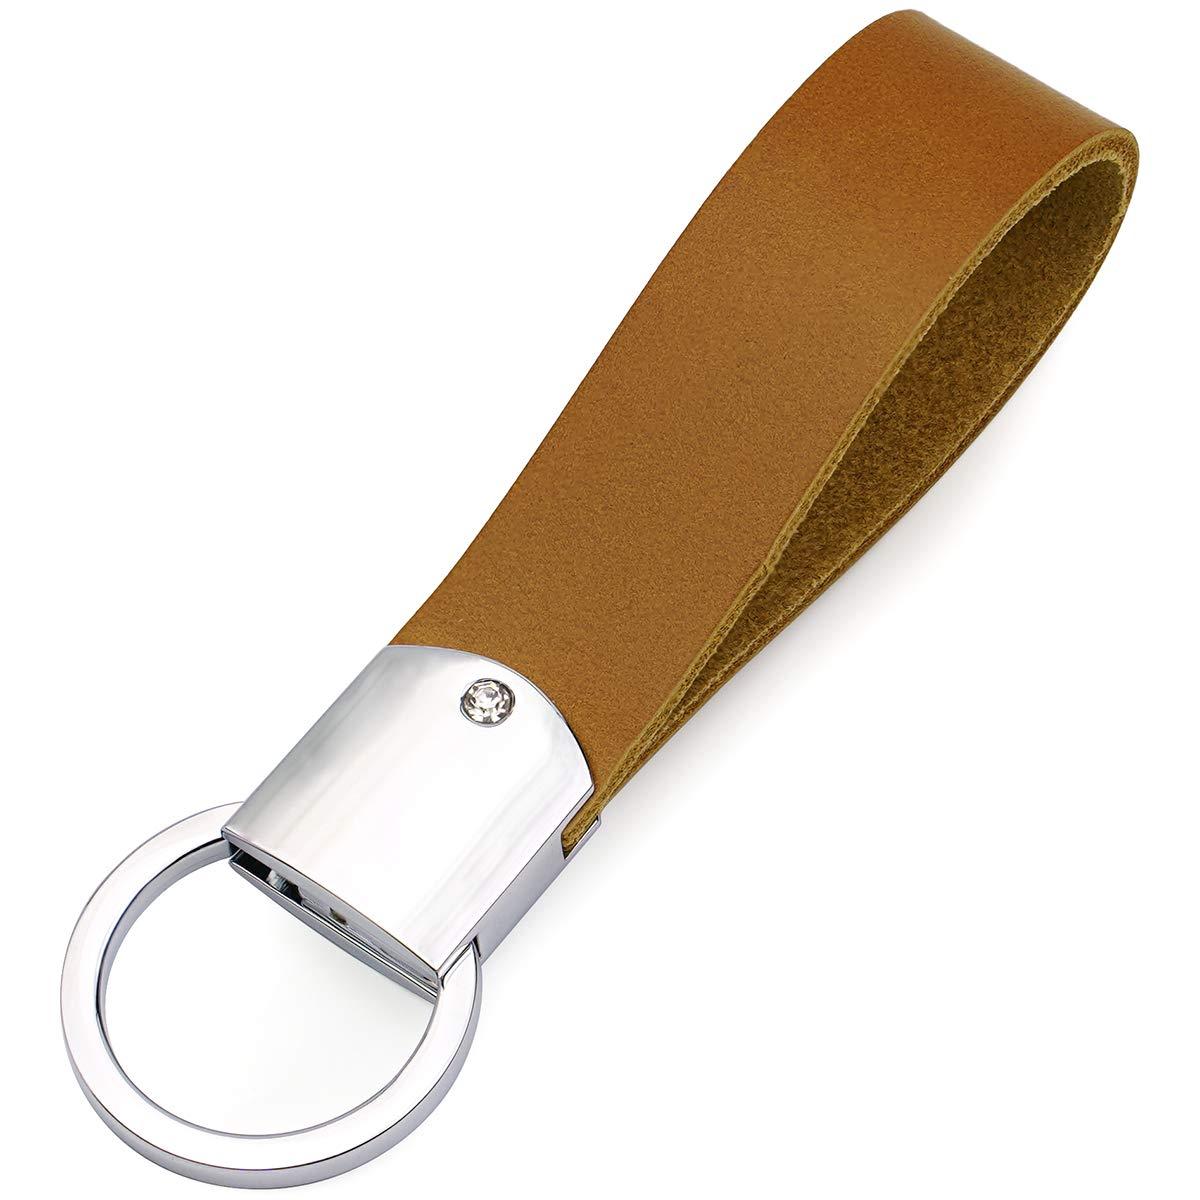 Portachiavi in pelle portachiavi in pelle DPOB Black Design semplice Realizzato in resistente pelle di qualit/à Premium